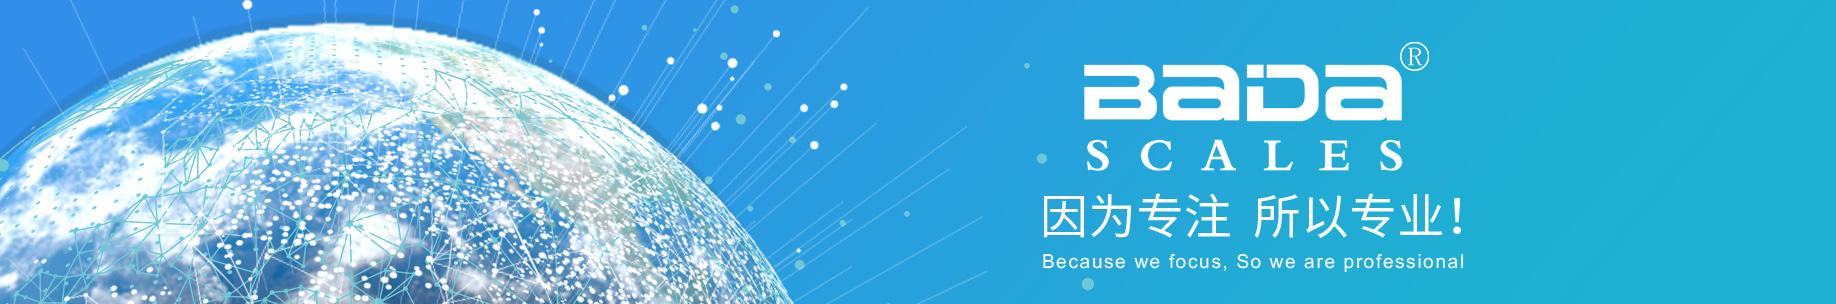 http://www.bdlogo.cn/data/upload/202101/20210112155223_113.jpg